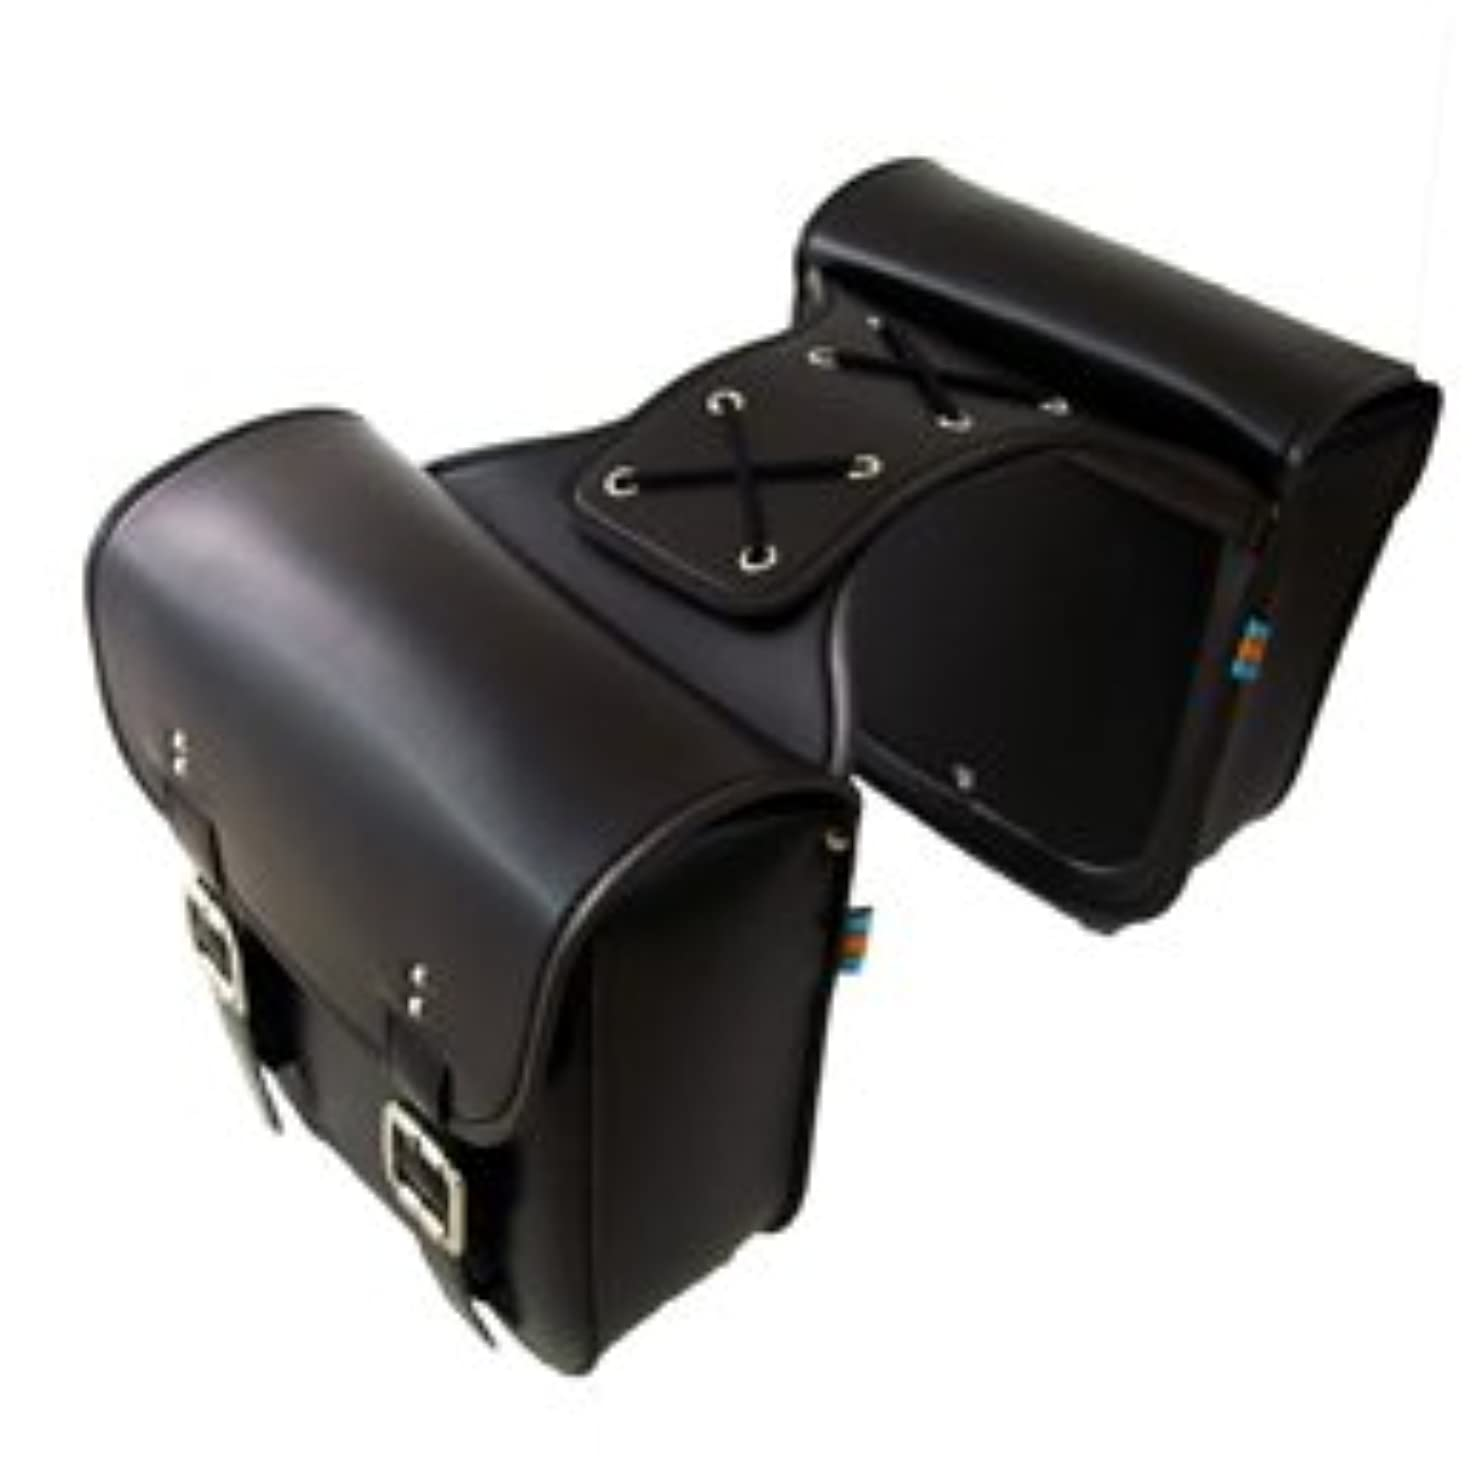 シャープ年次動的【まとめ 4セット】 ITPROTECH バイク用サイドバッグ アメリカンタイプ YT-BKSIDEBAG